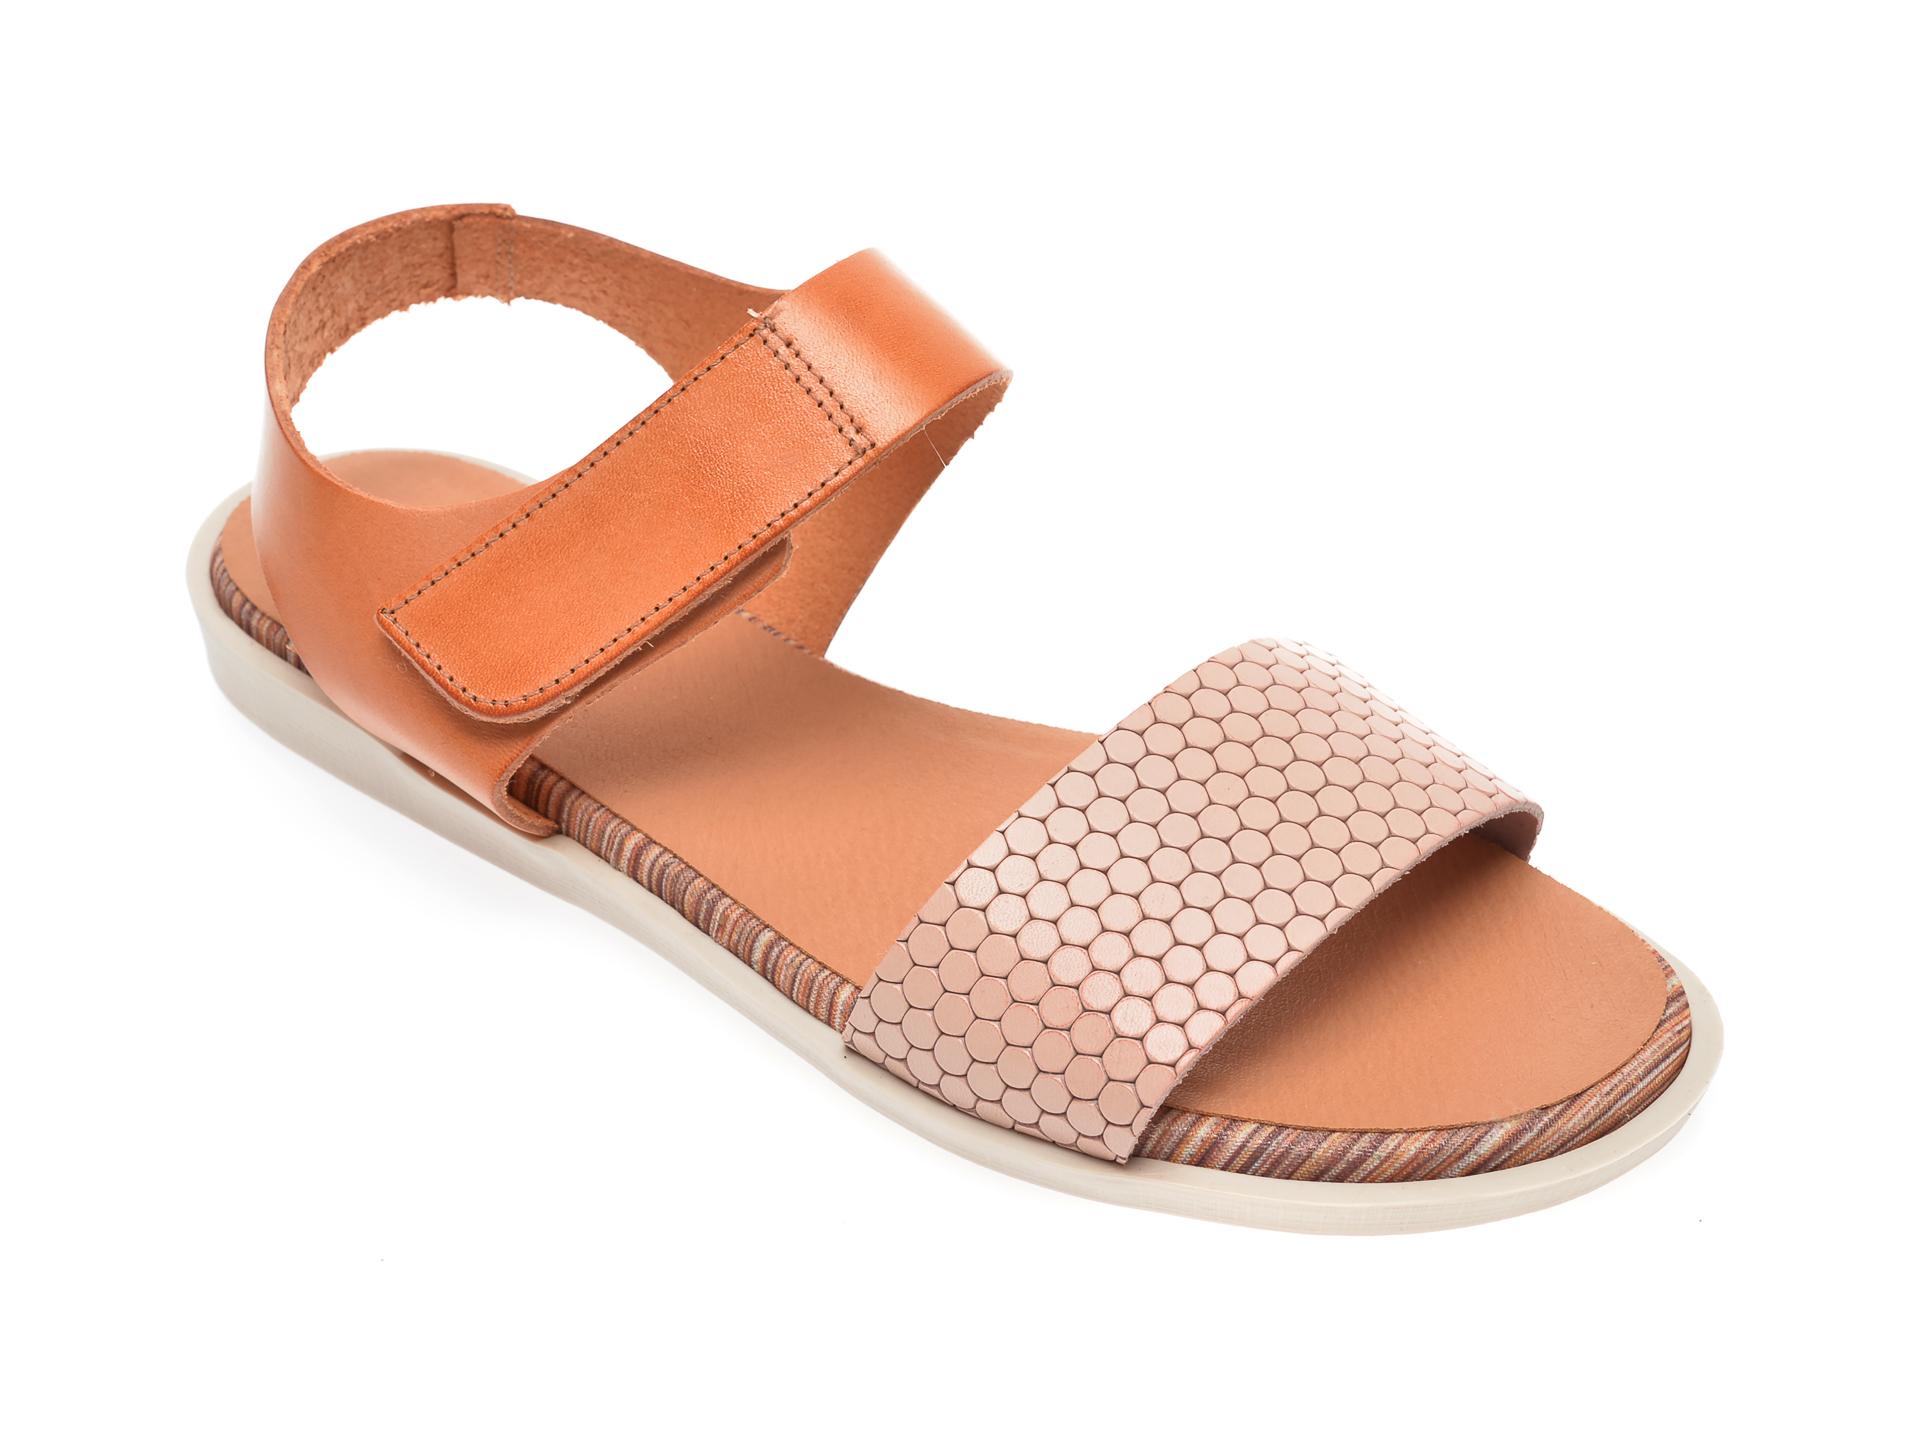 Sandale IMAGE nude, 1242, din piele naturala imagine